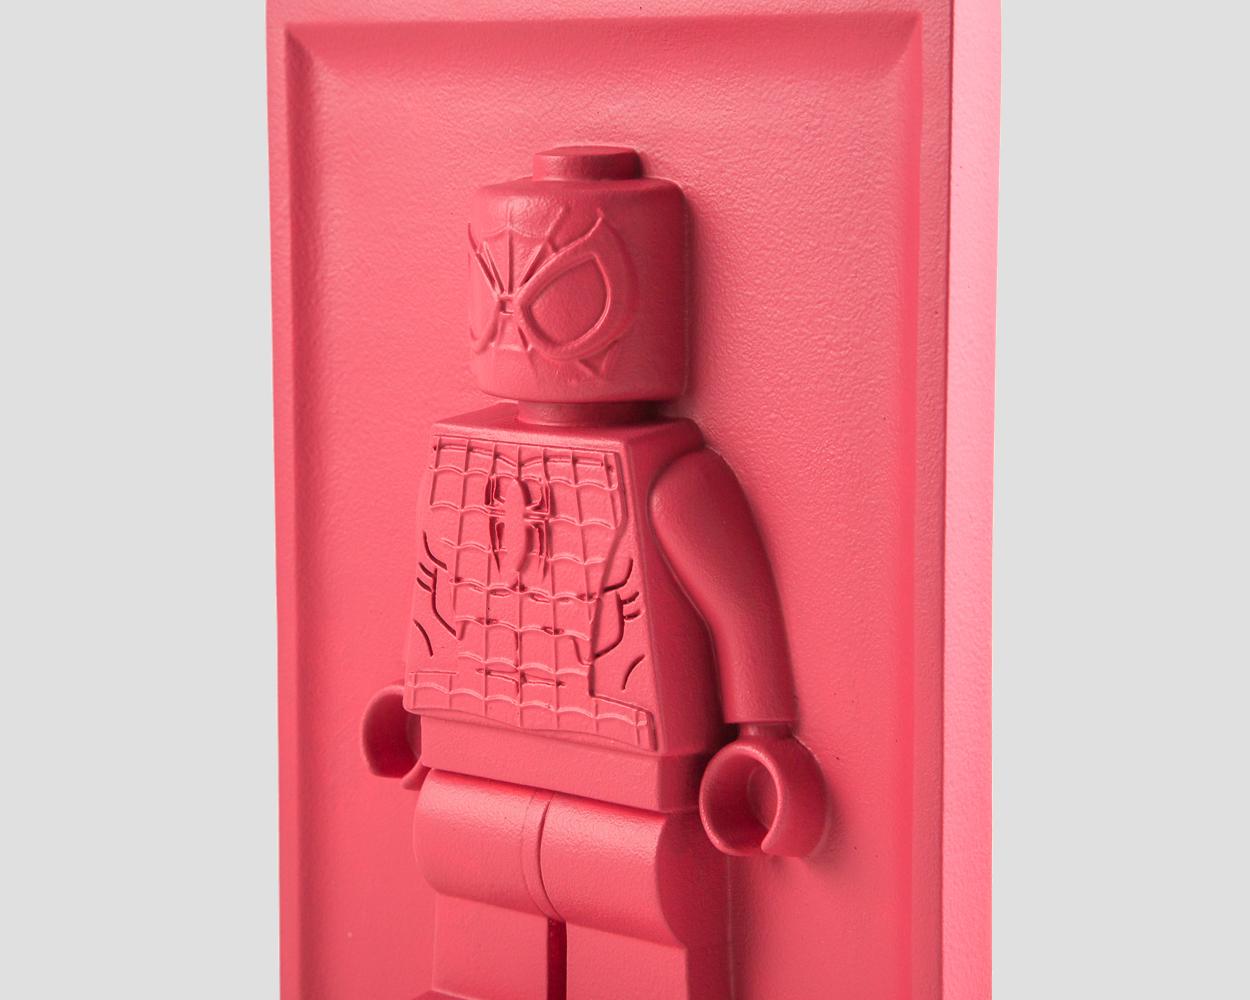 Spider-Man Lego Bas-Relief Sculpture